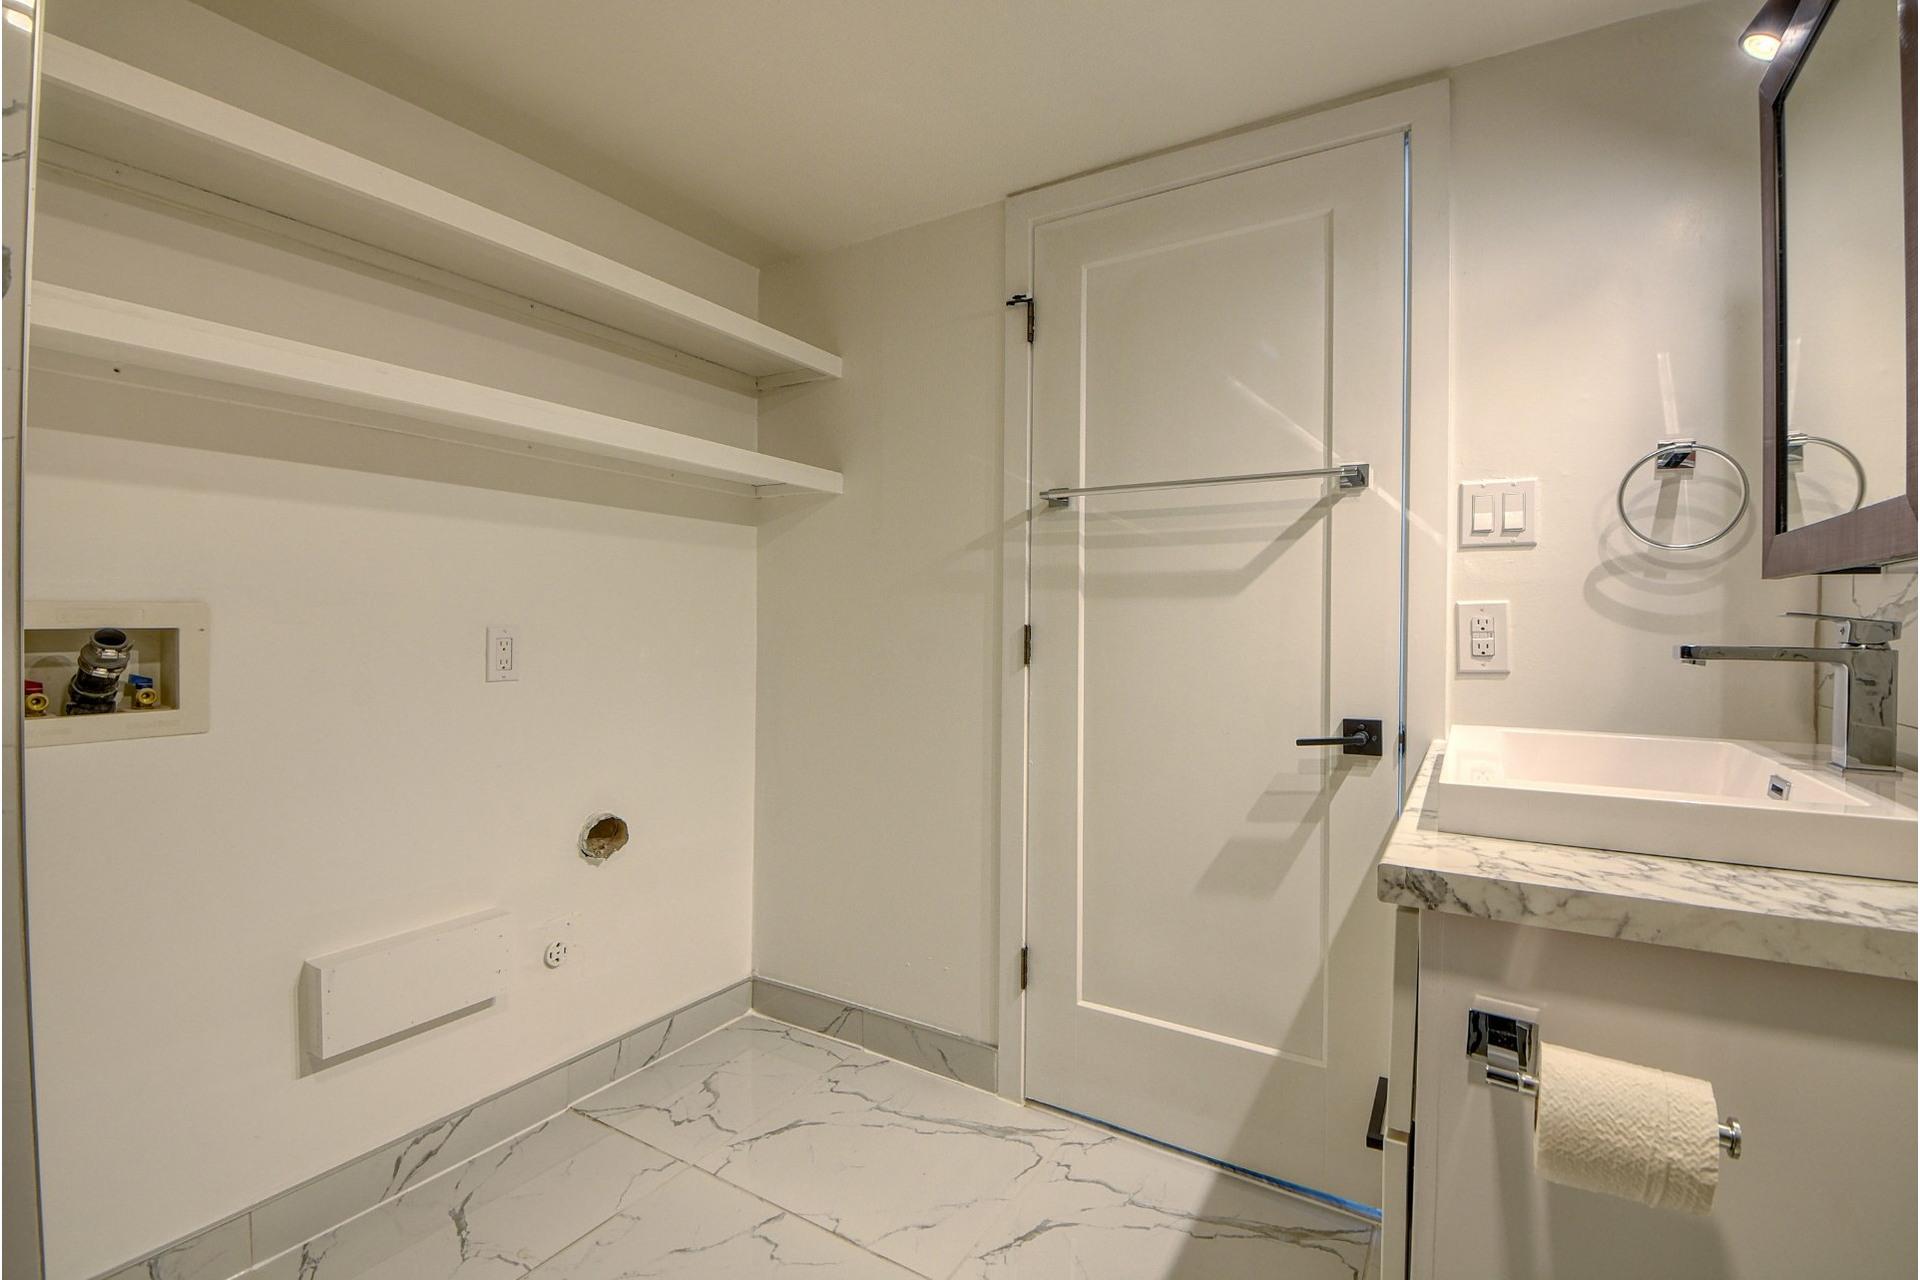 image 6 - Appartement À louer Le Vieux-Longueuil Longueuil  - 6 pièces